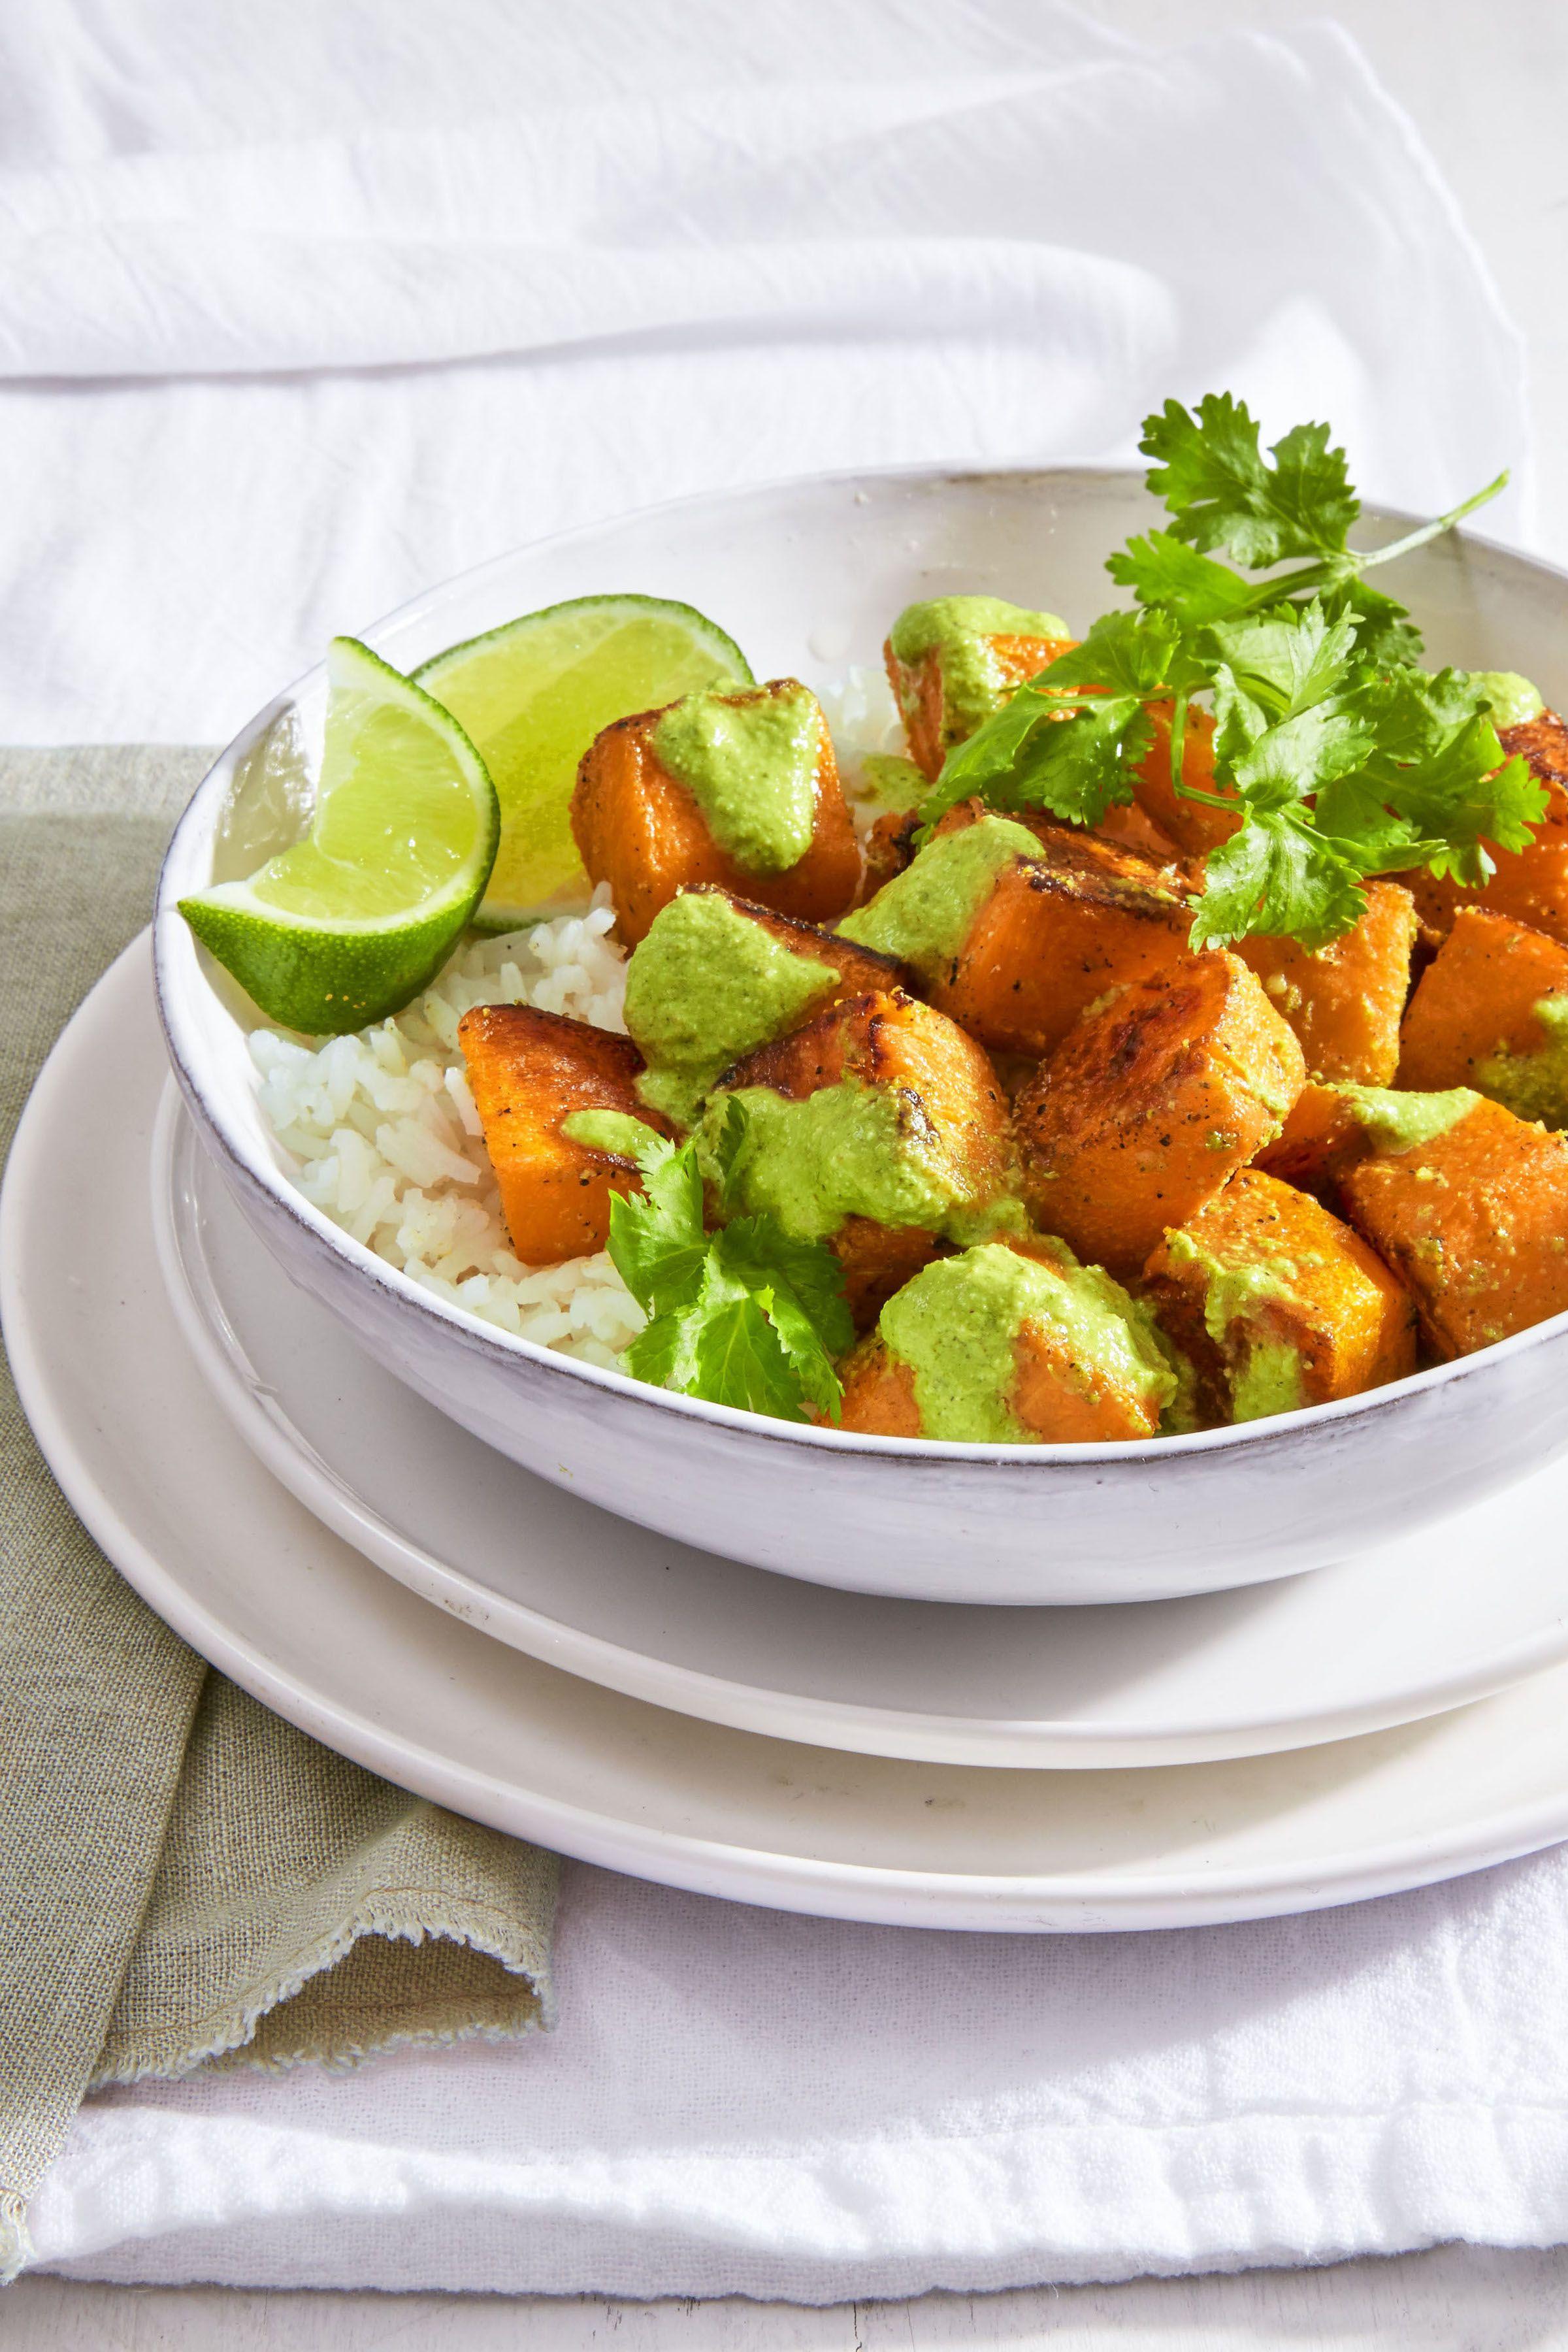 <p>Attenzione, questo delizioso piatto vegetariano e sano può creare dipendenza .</p>